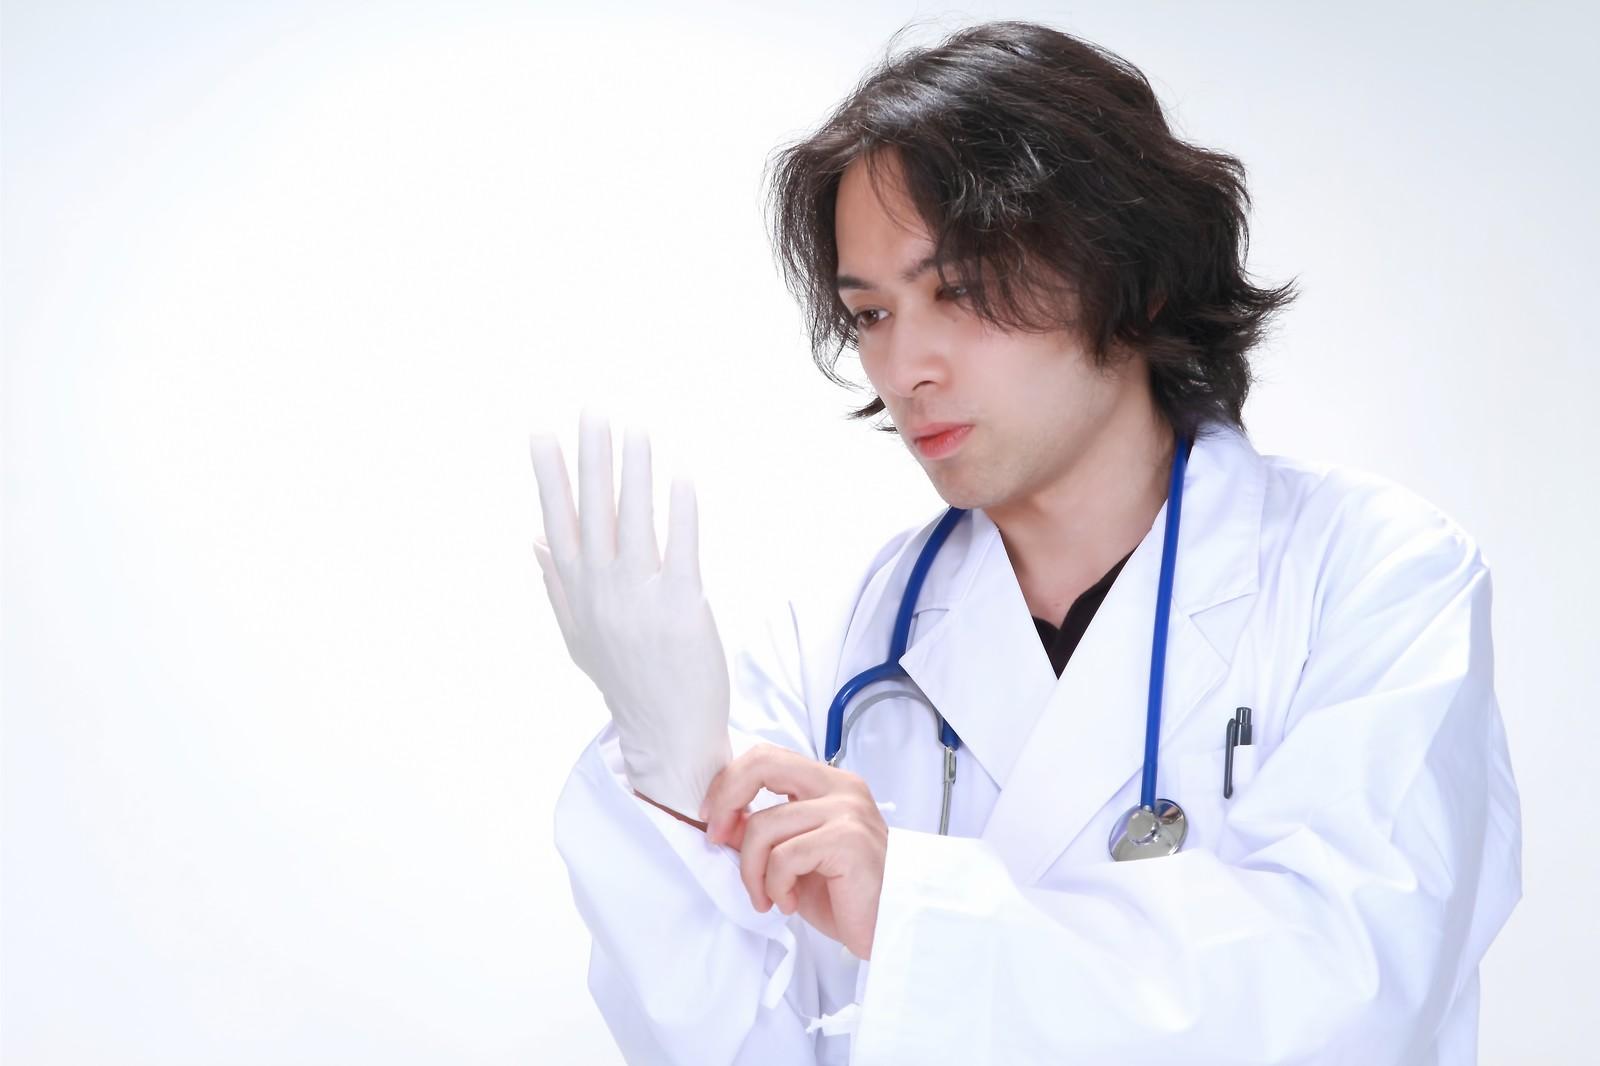 亀頭増大術にかかる費用は包茎手術よりも安い?